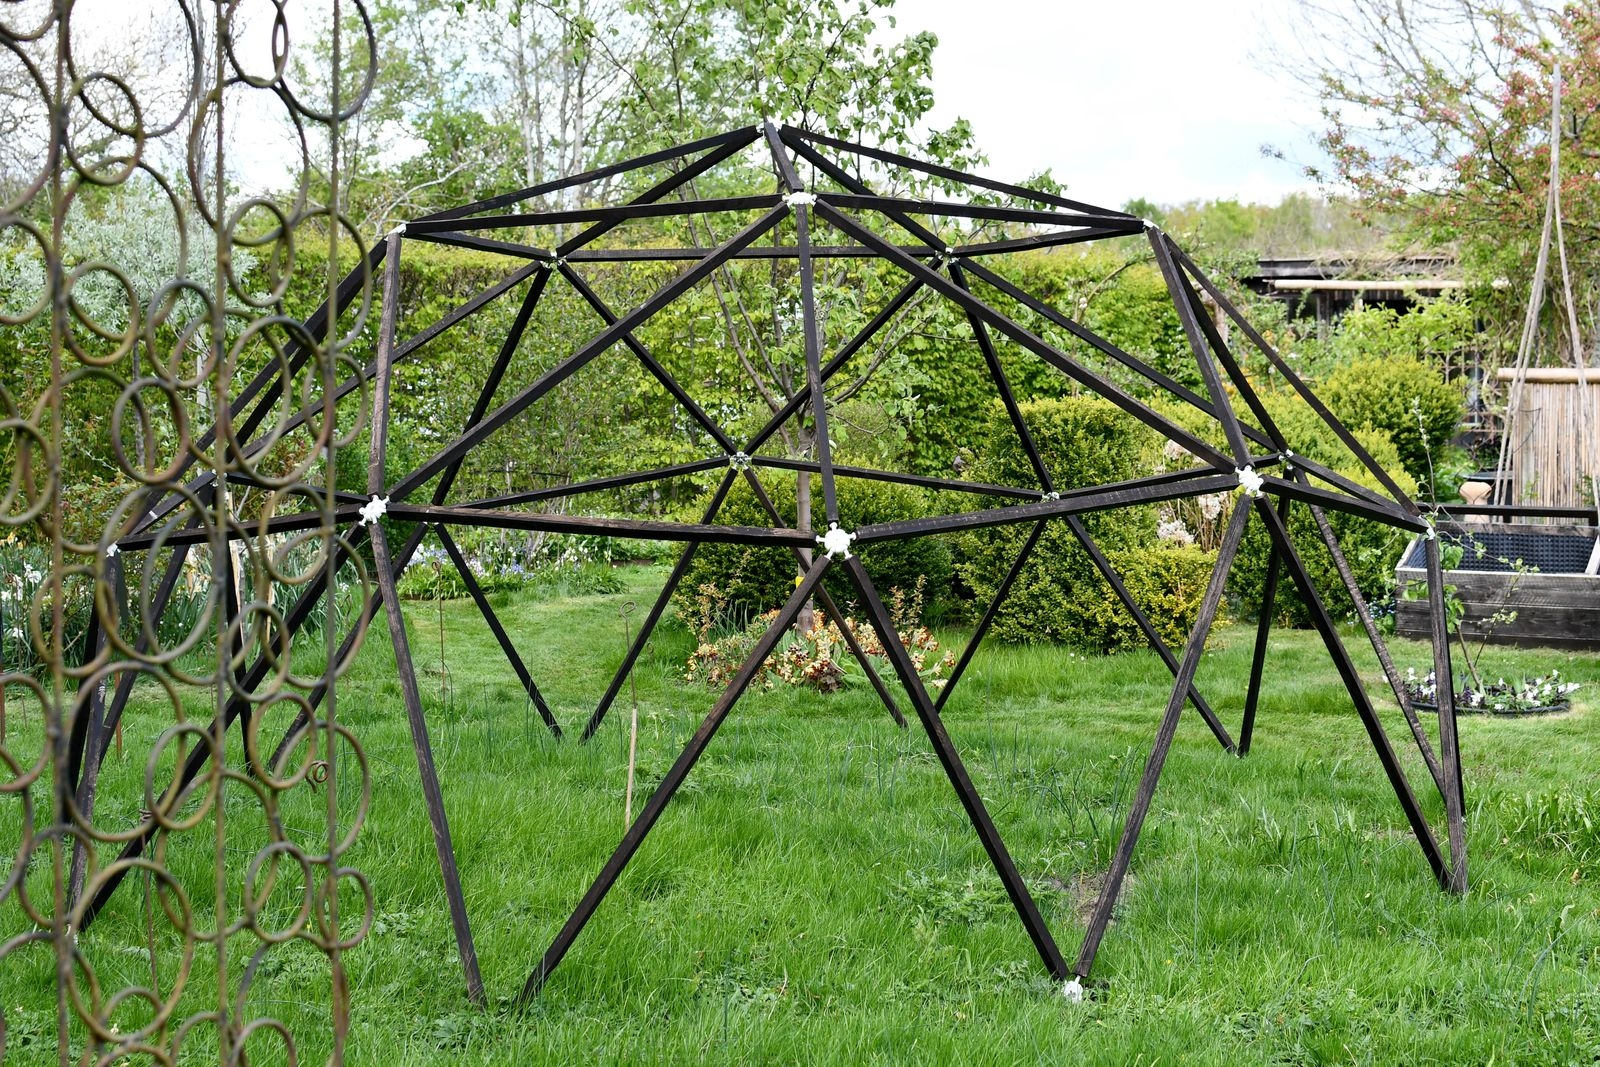 Just nu håller Werner på att bygga en sinnrik dome, en geodesisk kupol som fungerar som ett flyttbart kallväxthus. Stommen står klar att täckas med växthusplast och fyllas med bland annat passionsfrukt och aubergin.